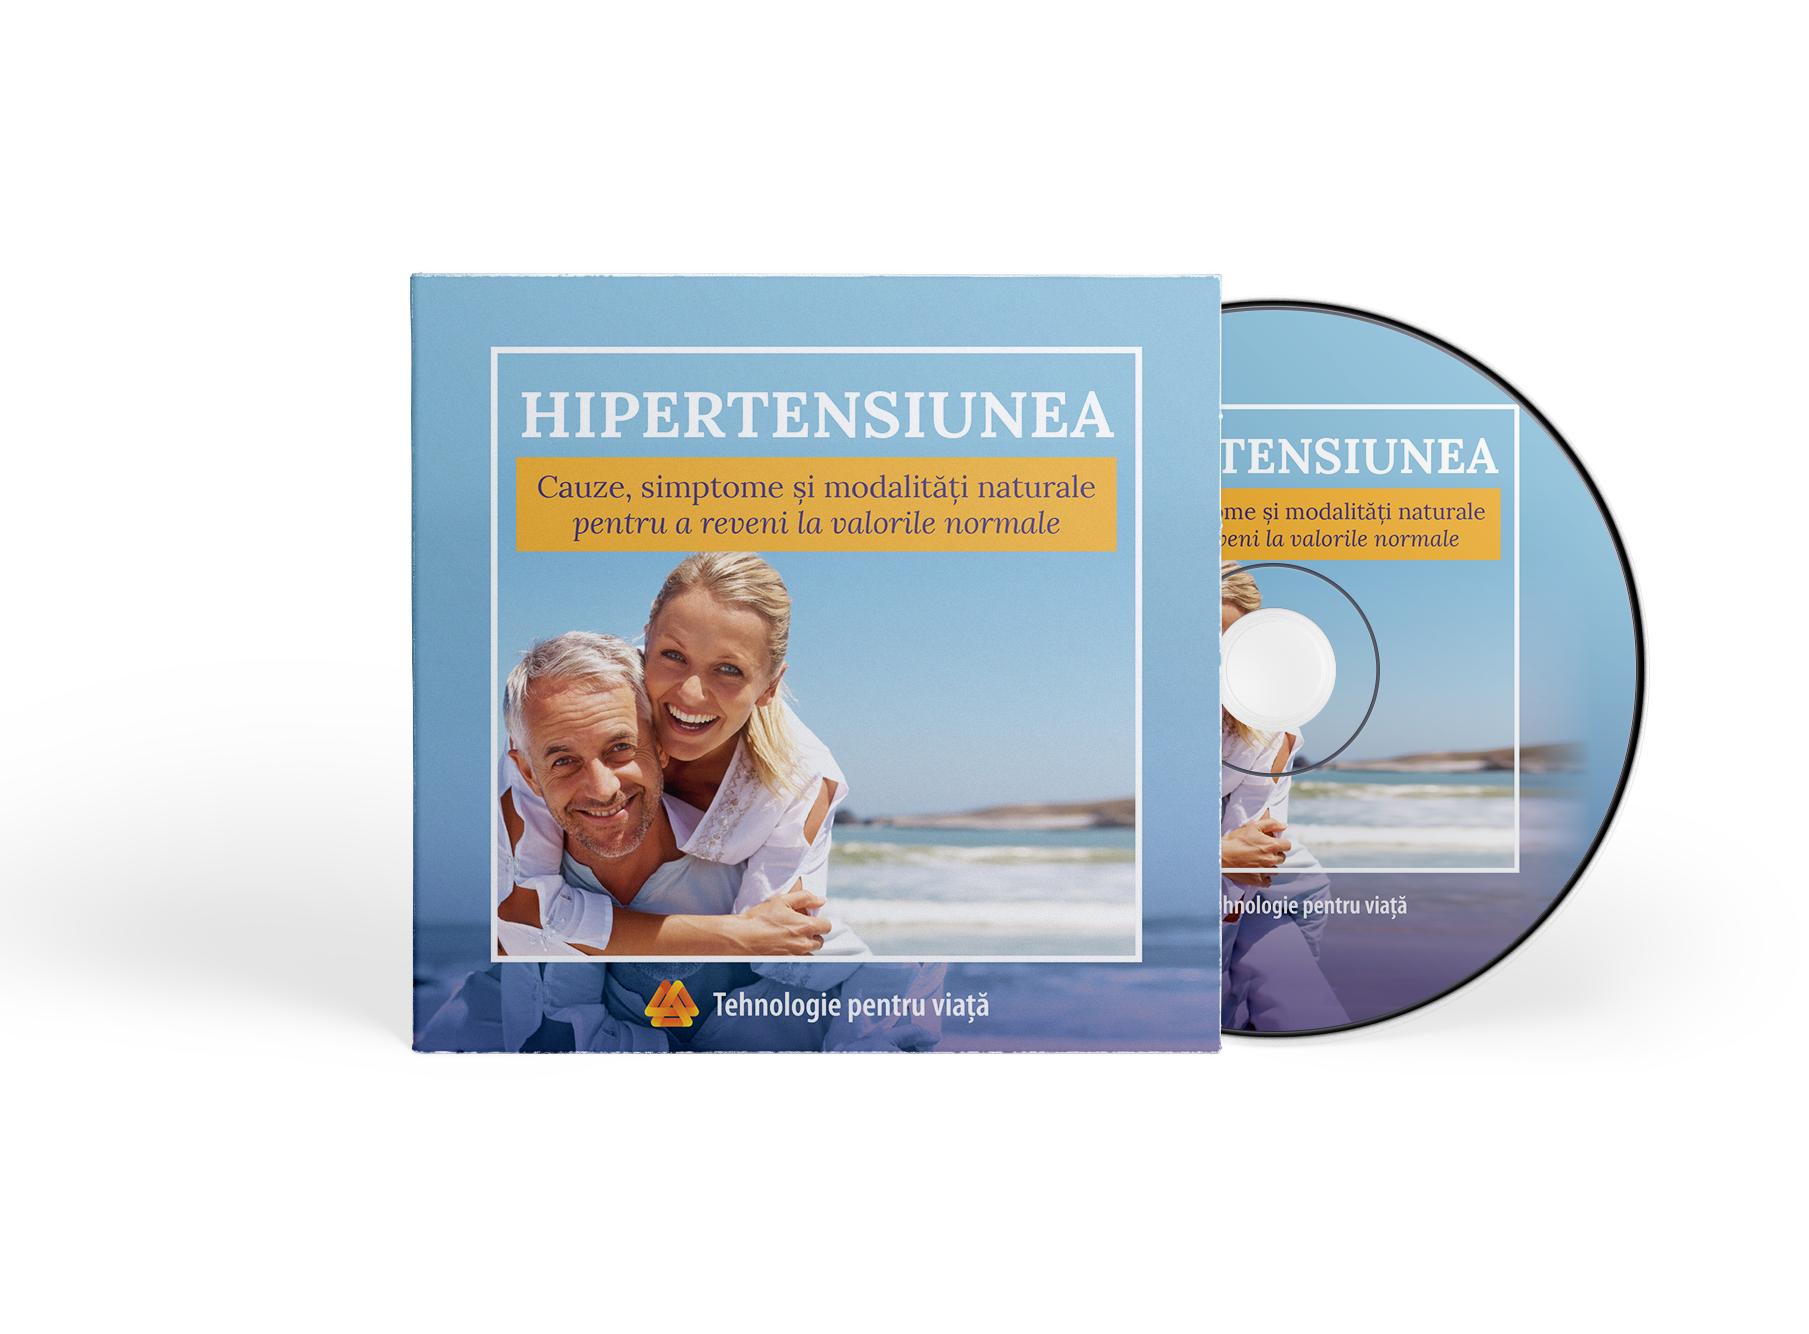 HIPERTENSIUNEA – Cauze, simptome și modalități naturale pentru a reveni la valorile normale